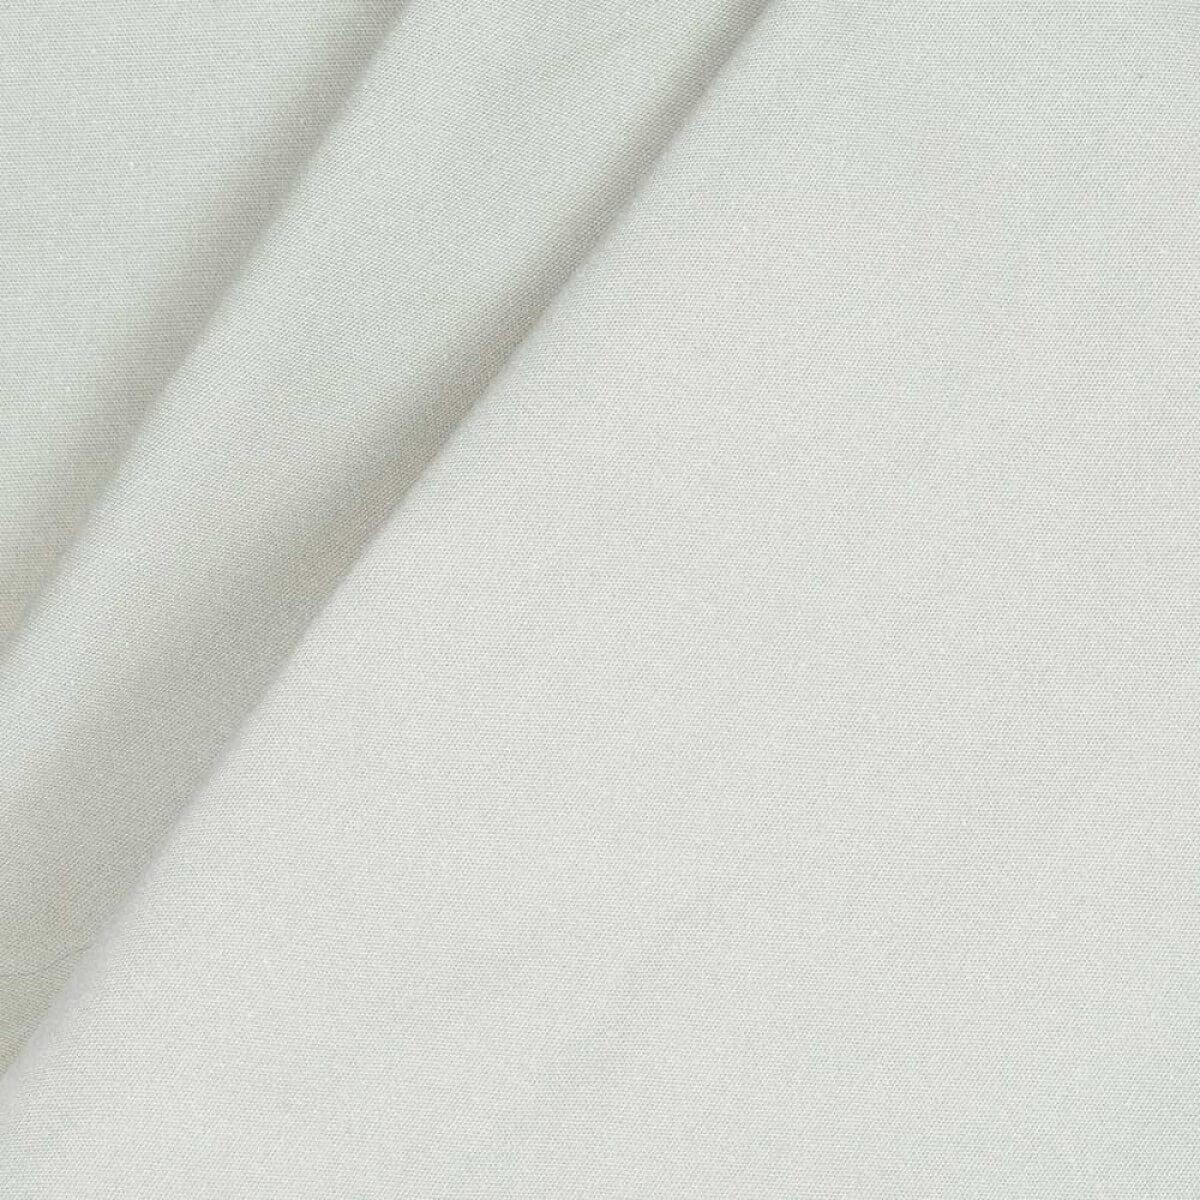 tissu toile d 39 ext rieur largeur 140 cm ficelle. Black Bedroom Furniture Sets. Home Design Ideas